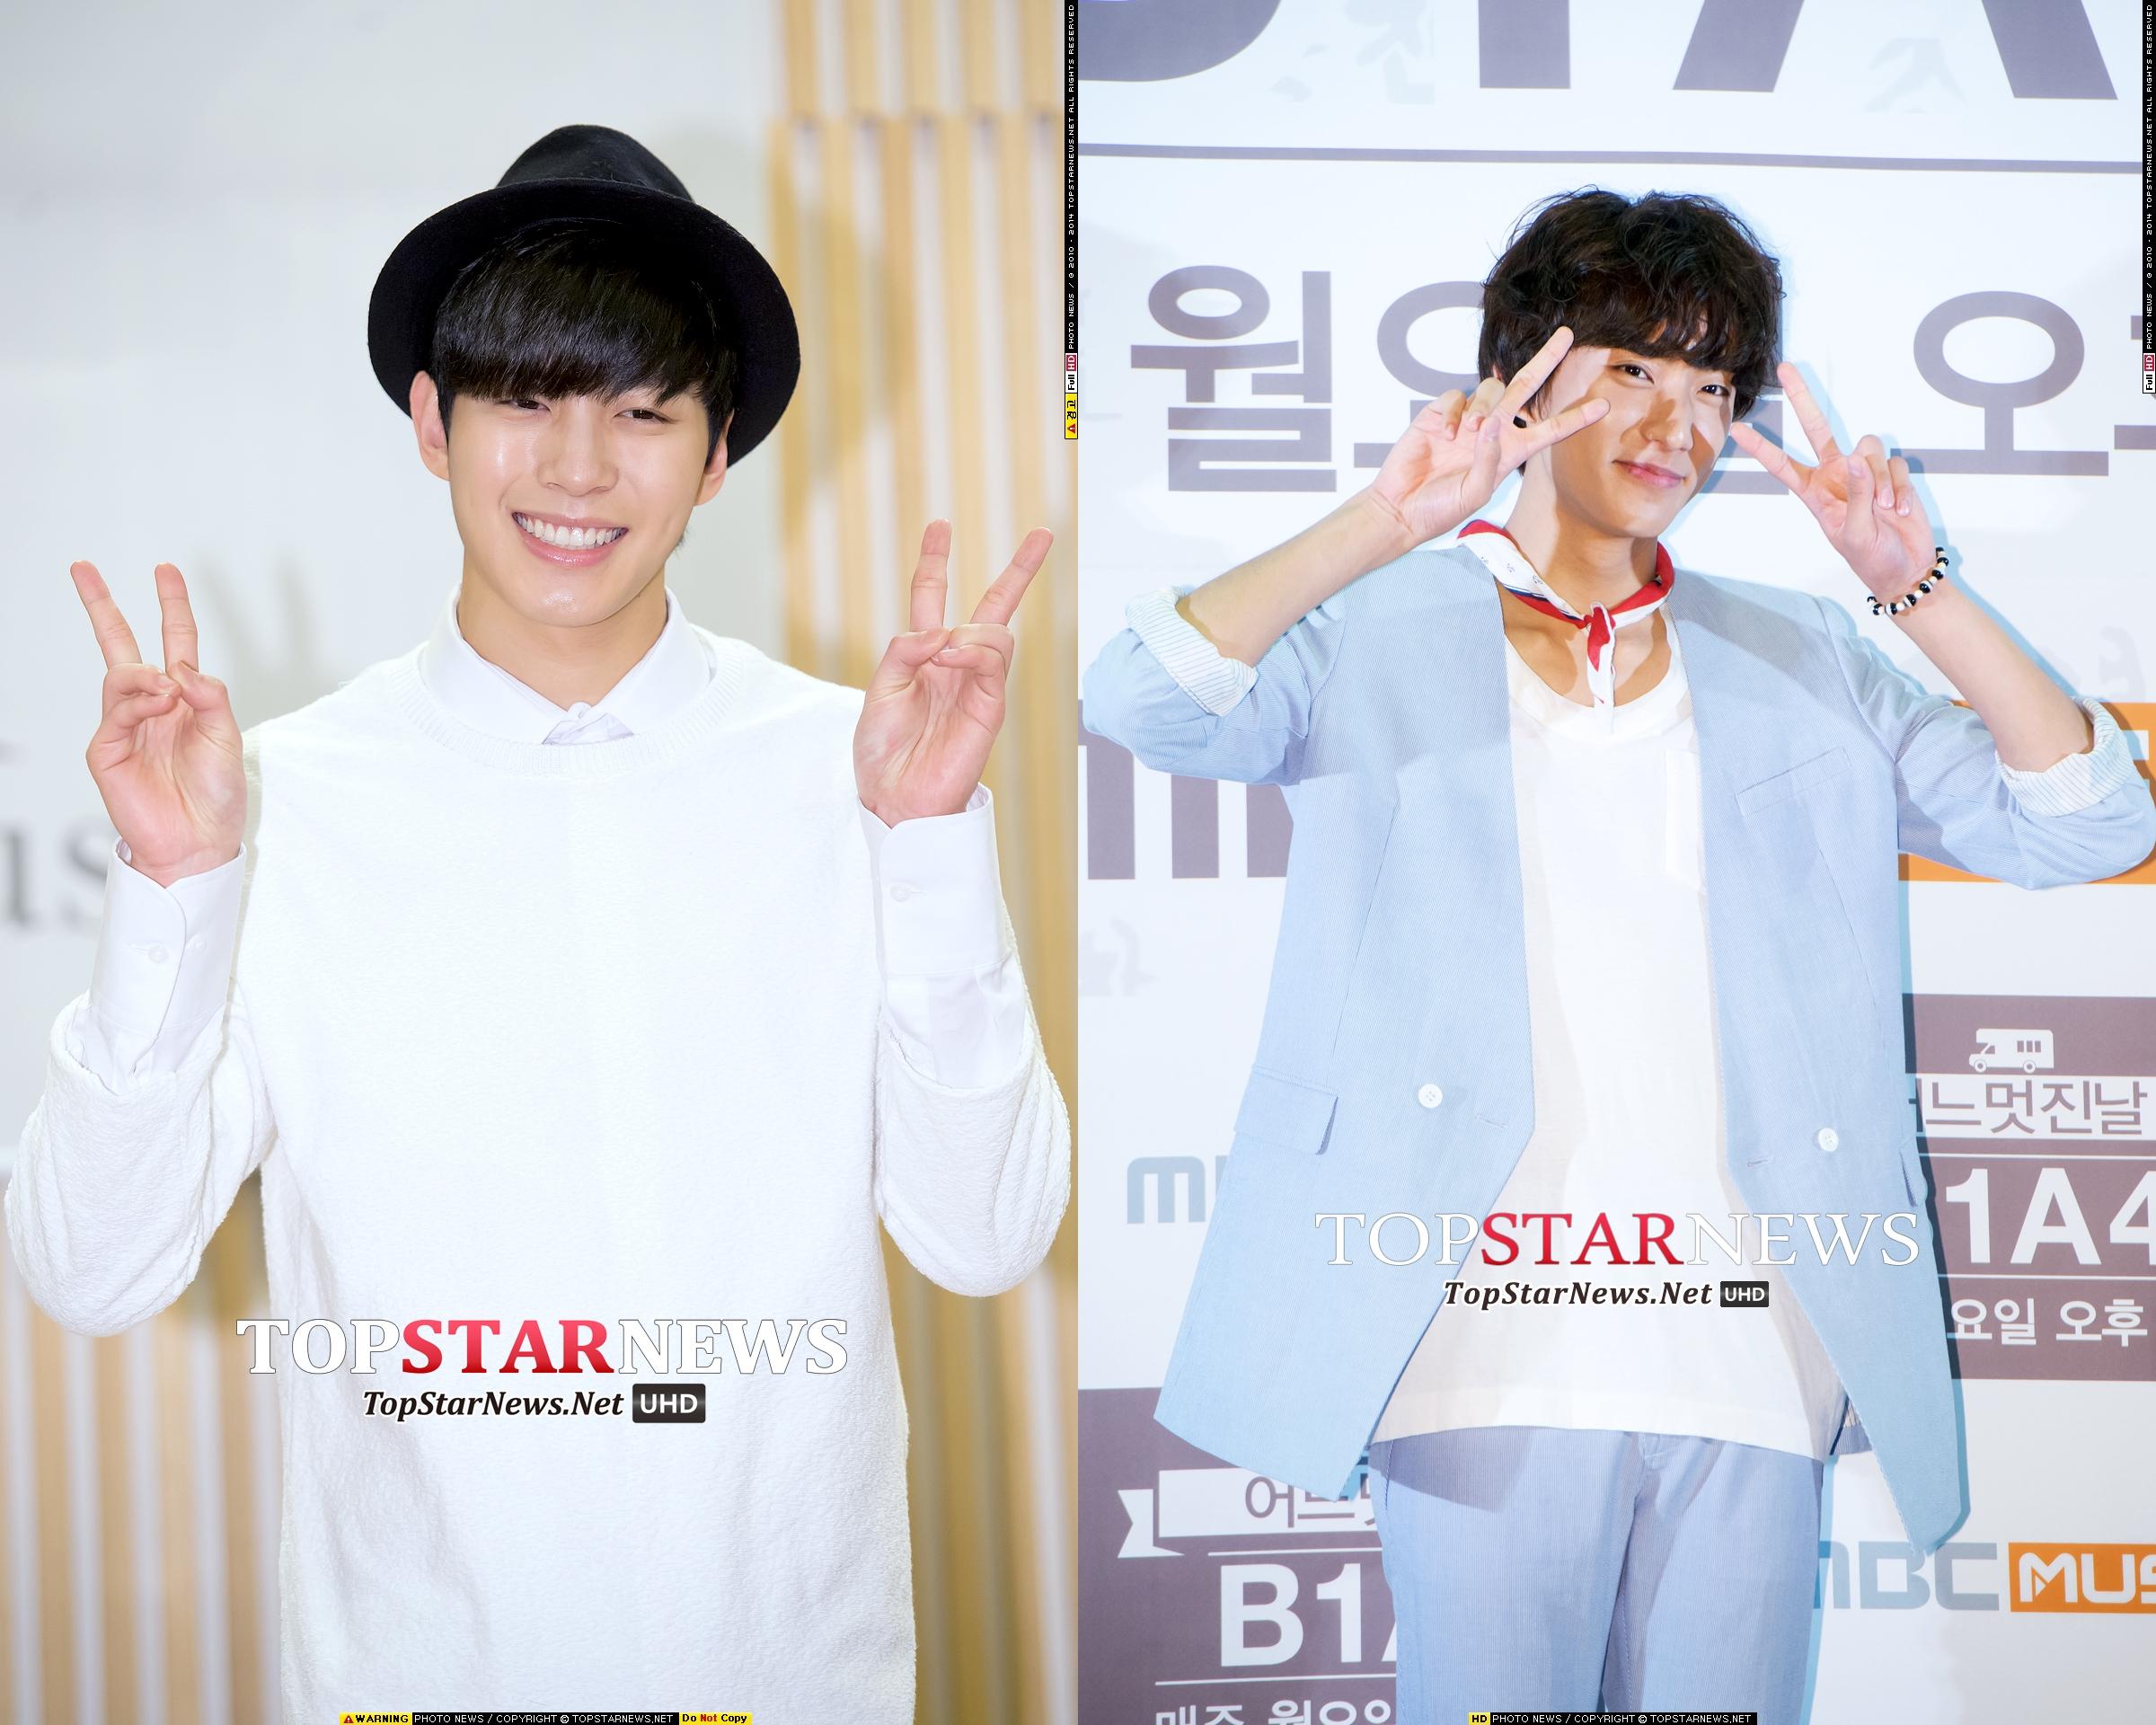 ★ VIXX 弘彬 & B1A4 孔燦 ★  這次也是 93 Line 的弘彬和孔燦,他們兩個[人的好交情根本就是 CP 等級了!